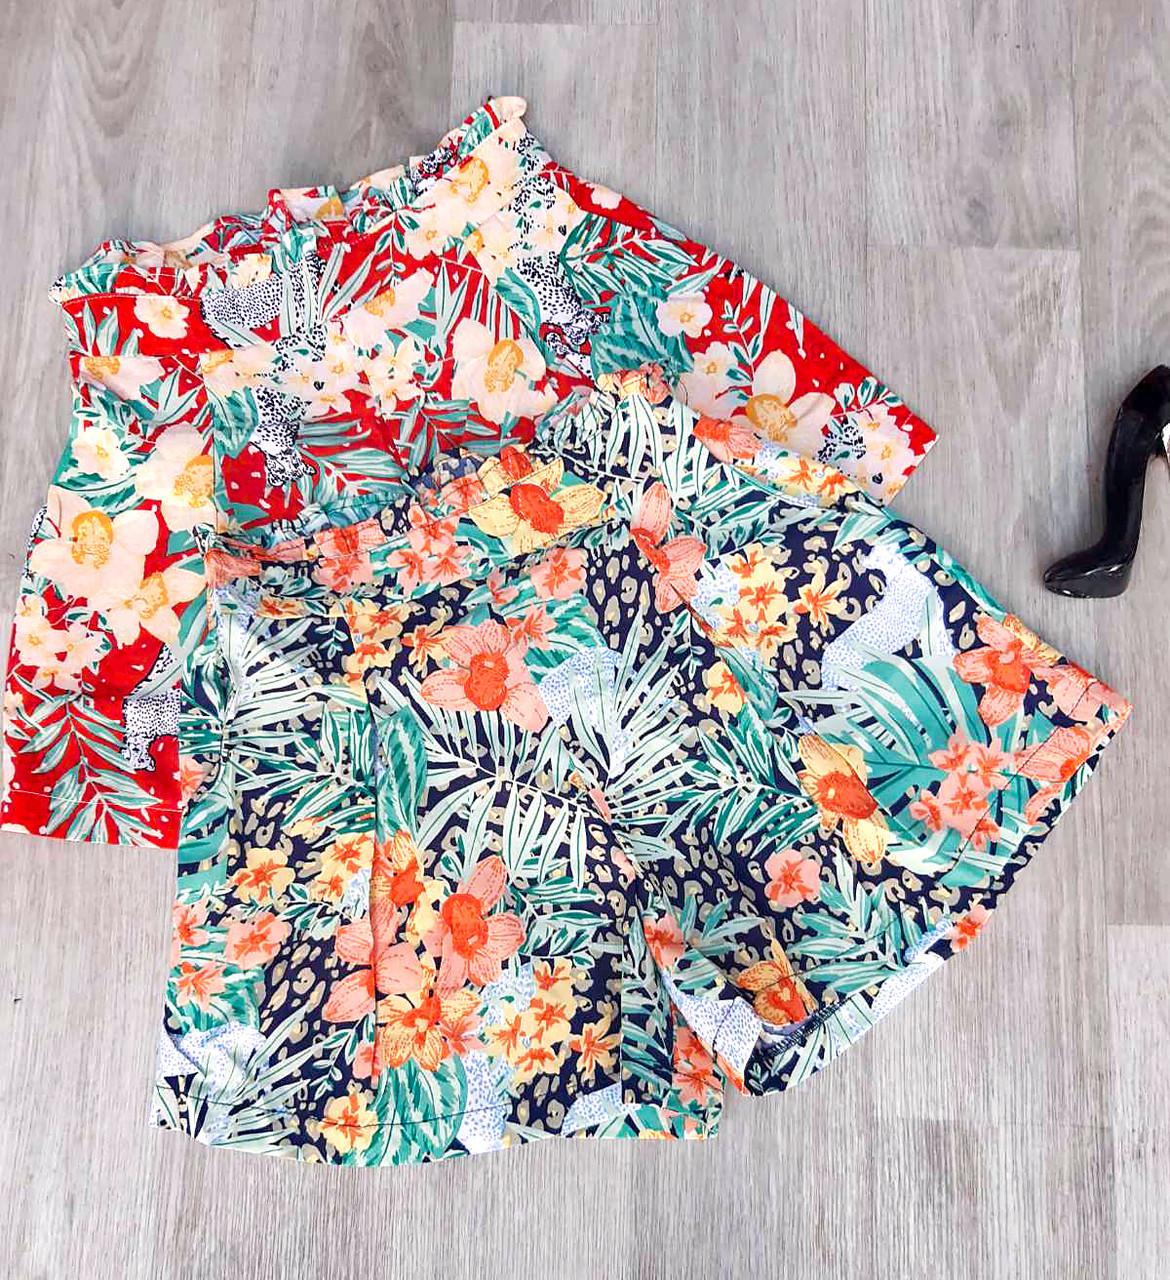 Яркие коттоновые шорты с принтом 42-44 (в расцветках)